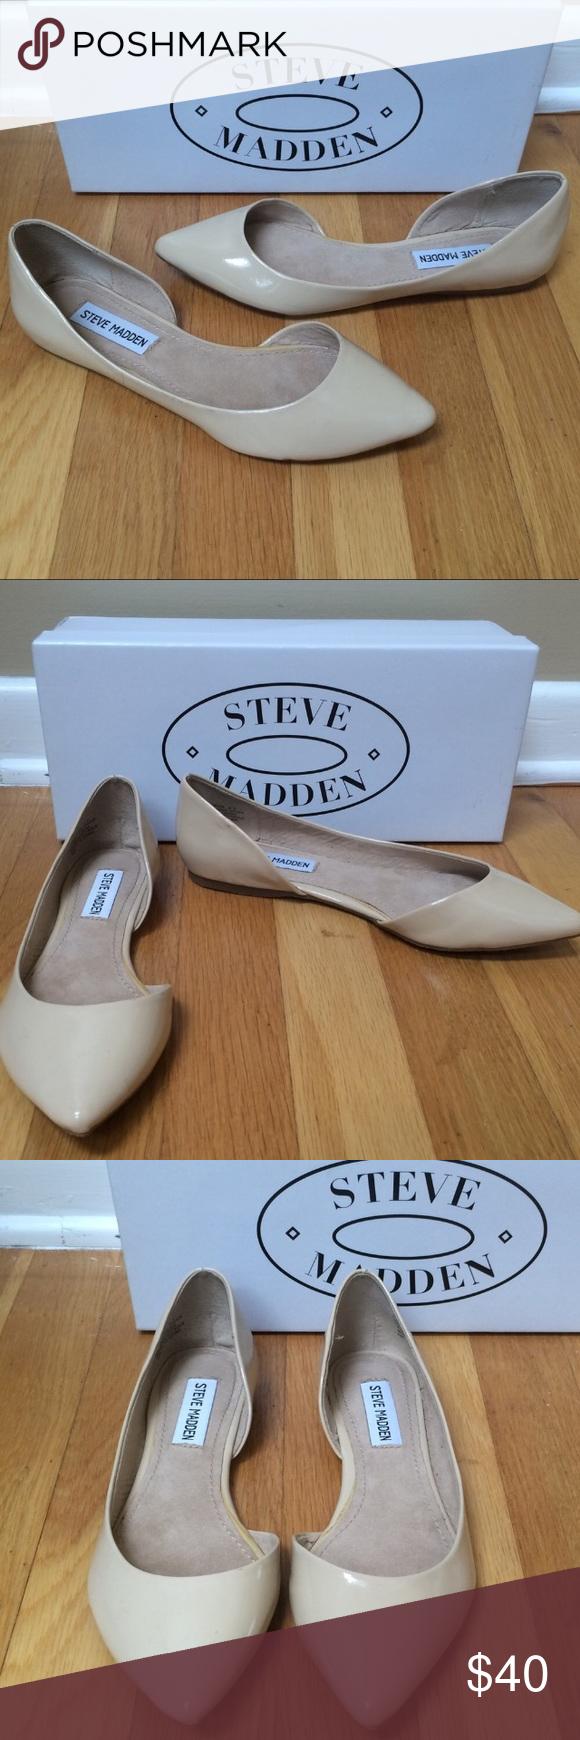 9fd89ae3654 STEVE MADDEN 'Elusion' Blush Patent d'orsay Flats STEVE MADDEN ...